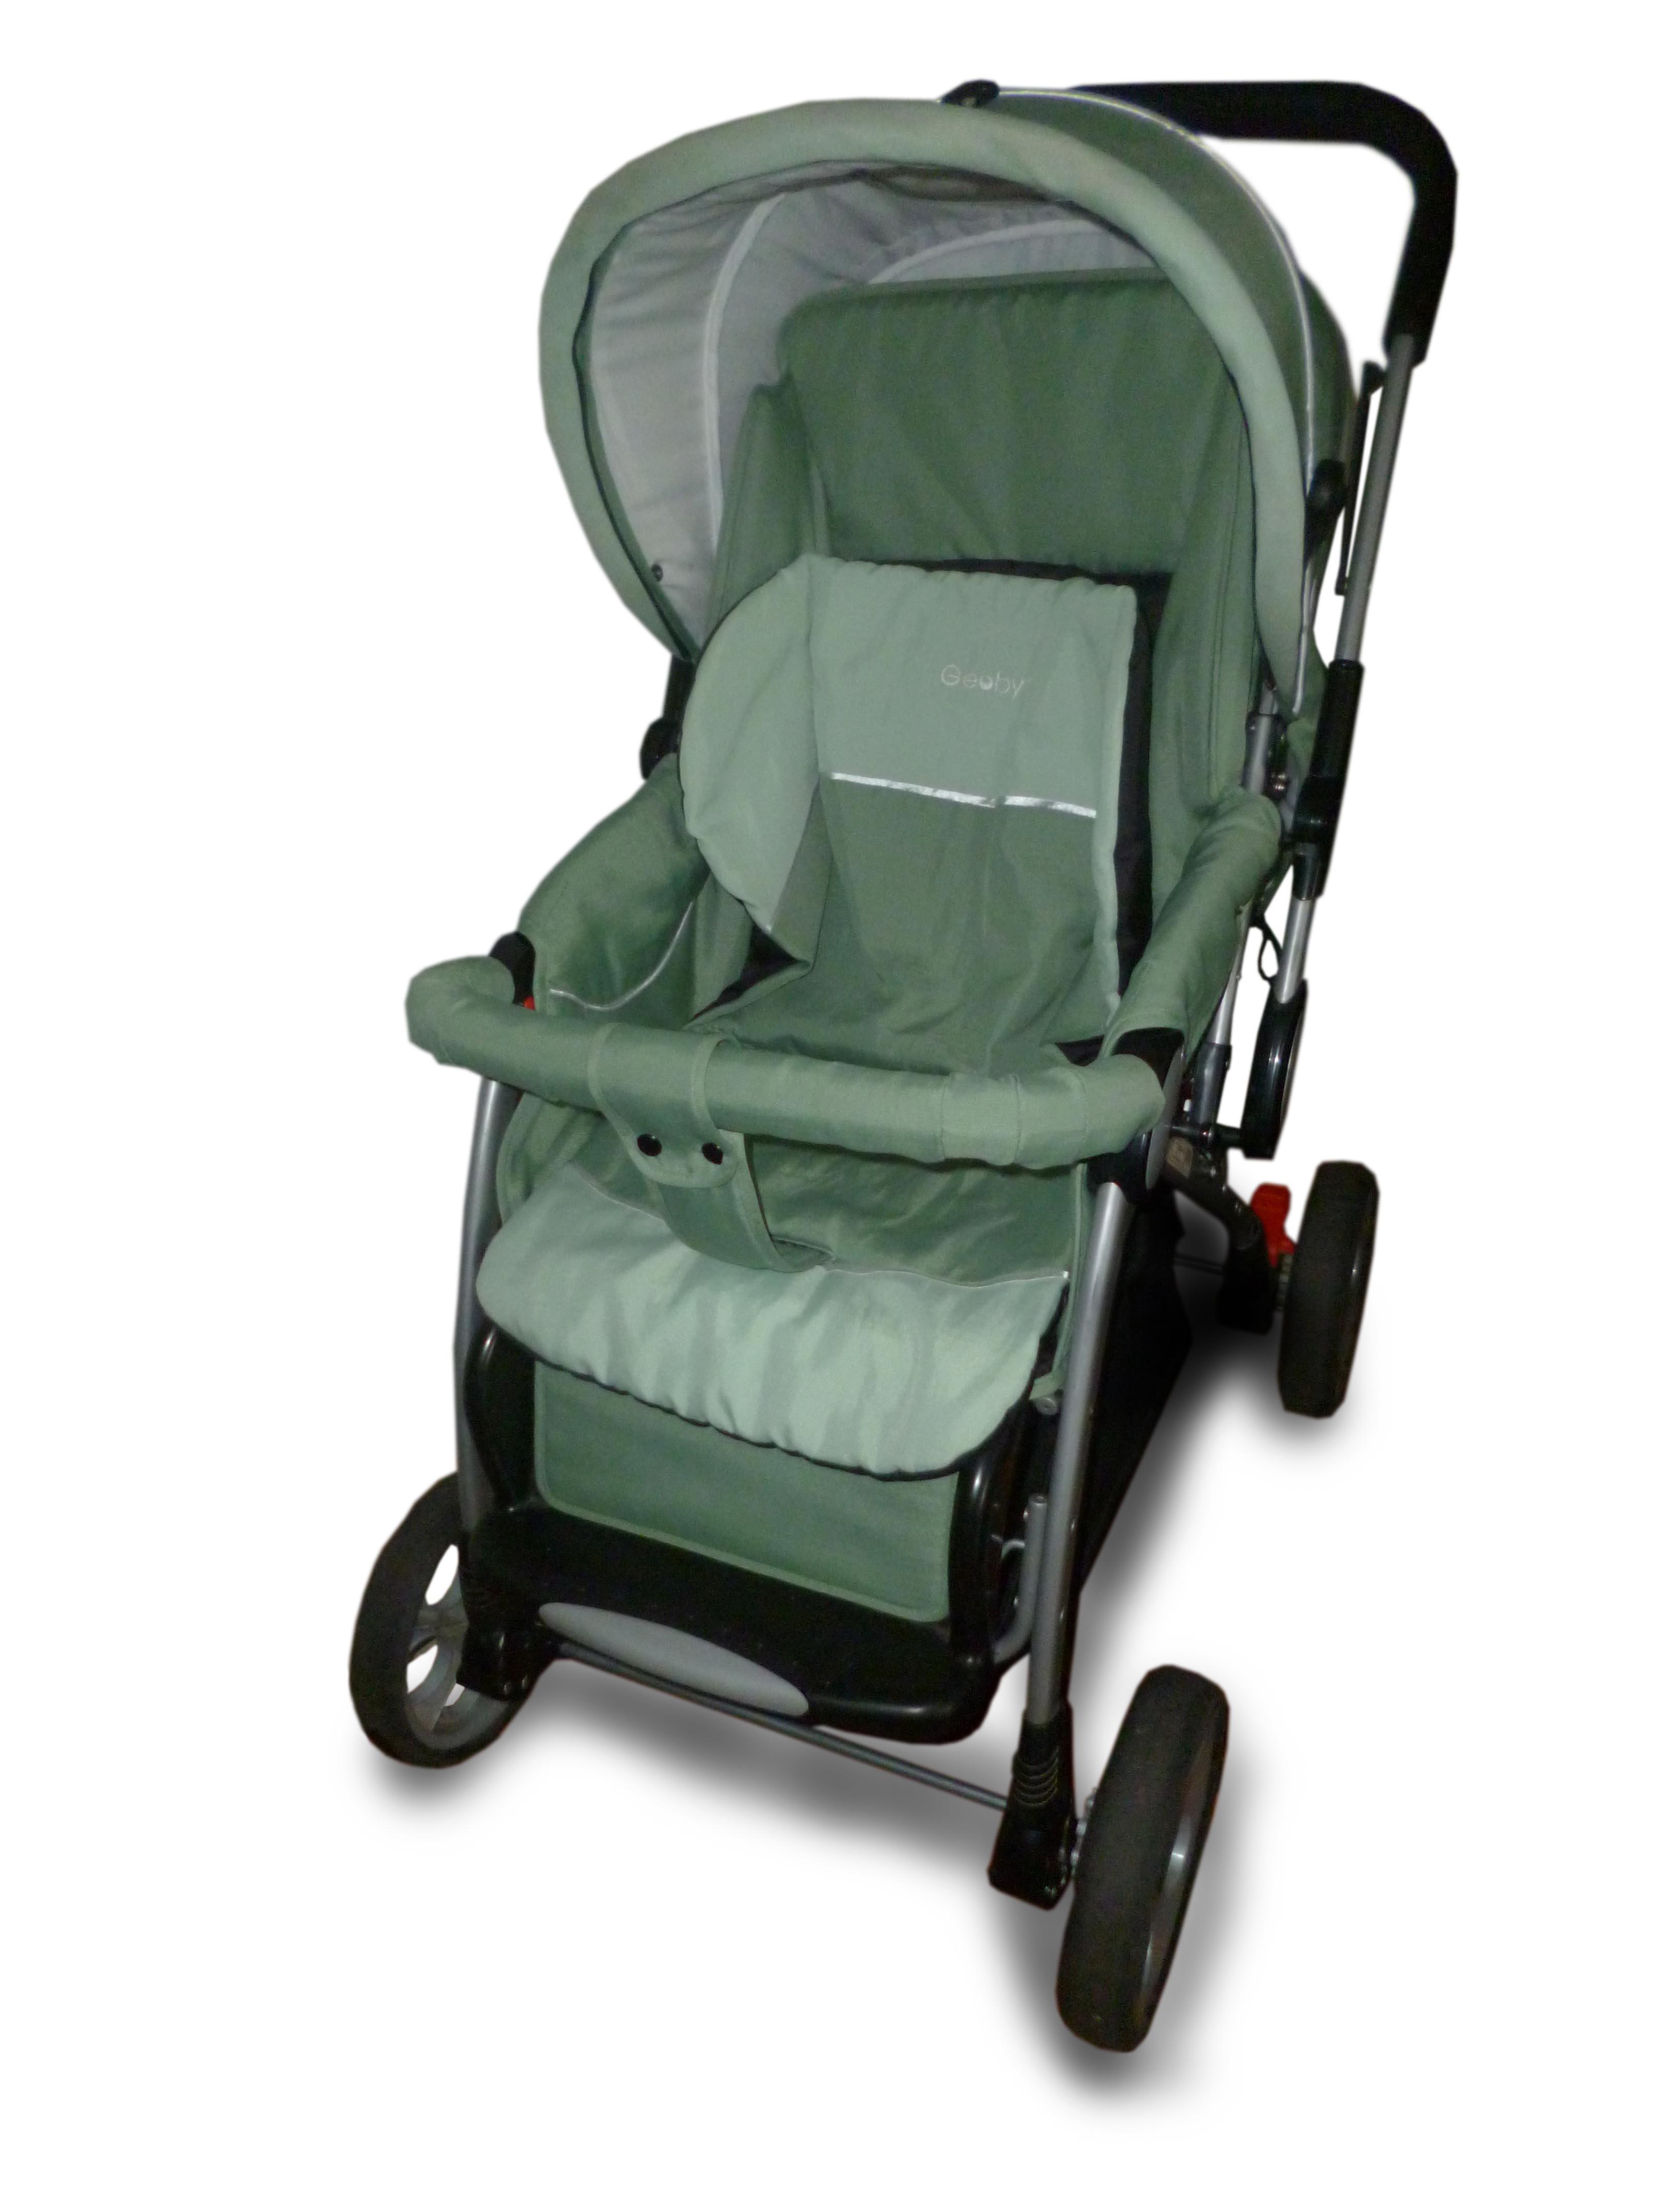 carro juguete producto nios asiento de auto cochecito de beb silla de ruedas productos para bebs